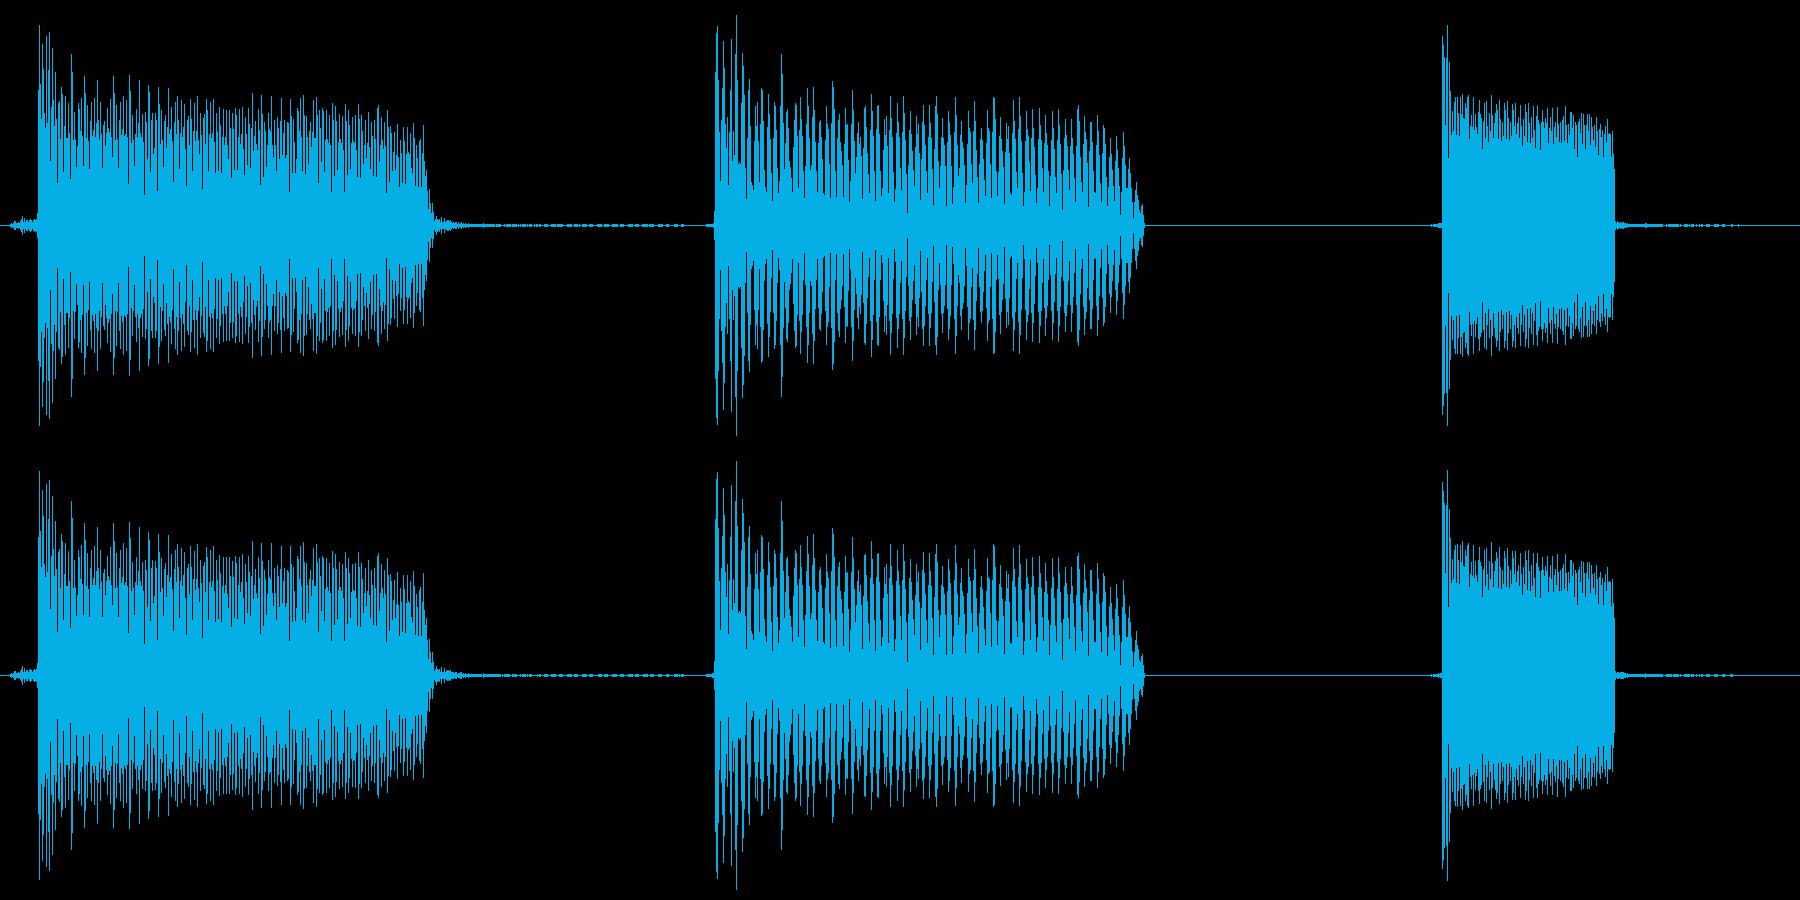 ピーポーパーの再生済みの波形